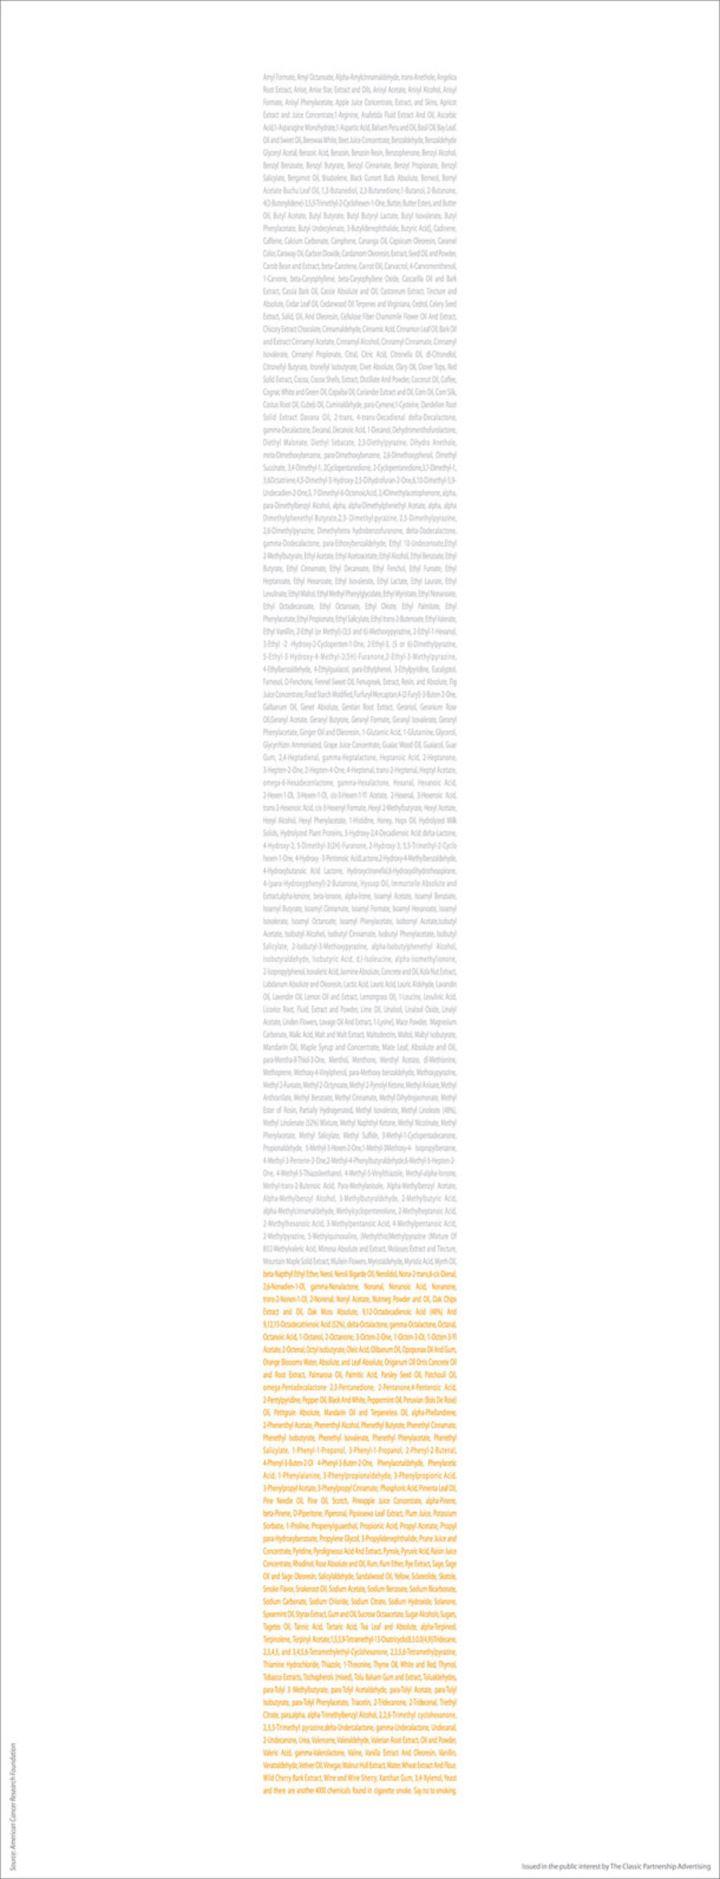 嫌煙広告30